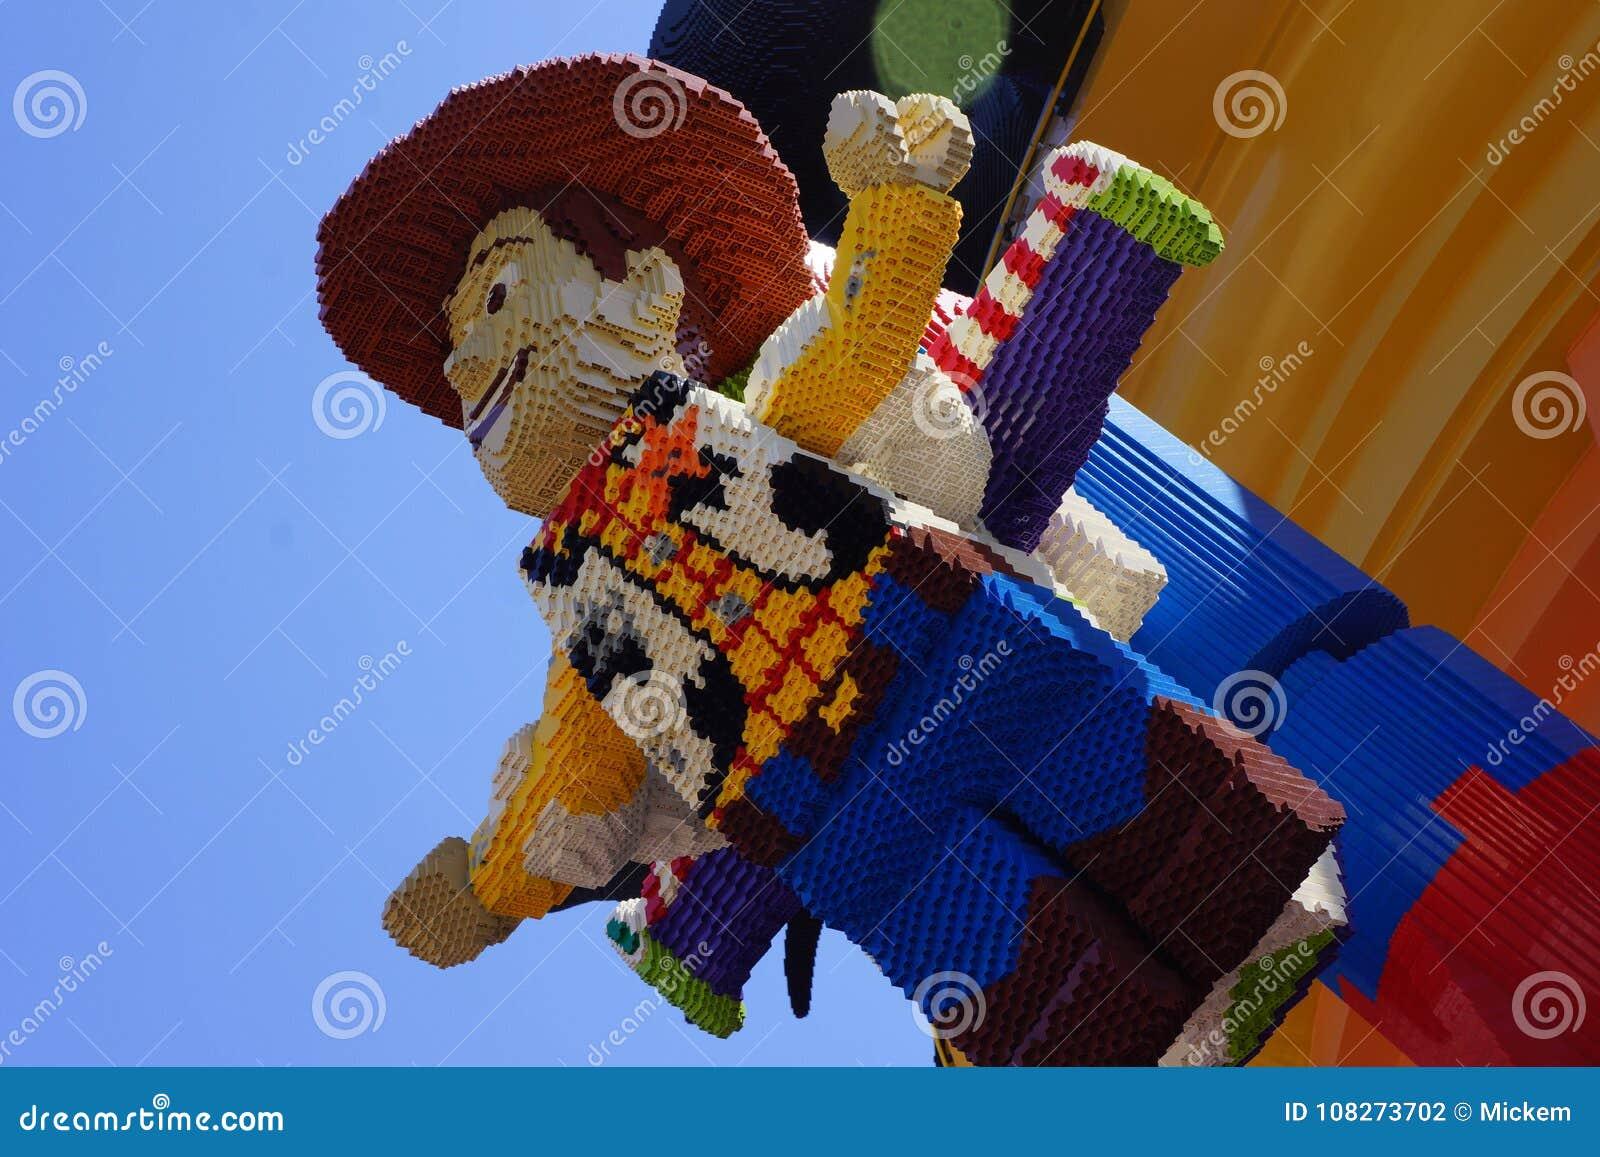 Lego Postacie Odrewnialy I Brzeczenie Lekki Rok Od Toy Story